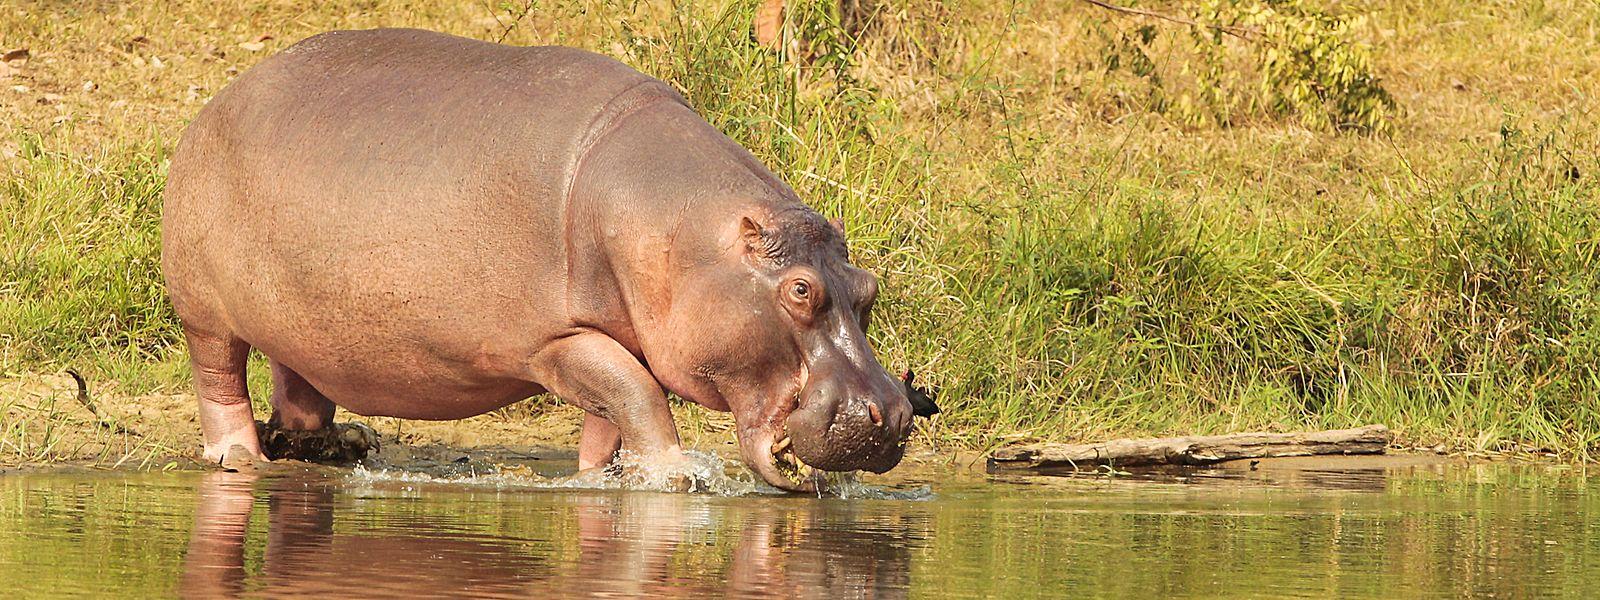 Laut Experten könnte die Zahl der frei lebenden Flusspferde in Kolumbien in den kommenden Jahren auf bis zu 400 Exemplare anwachsen.